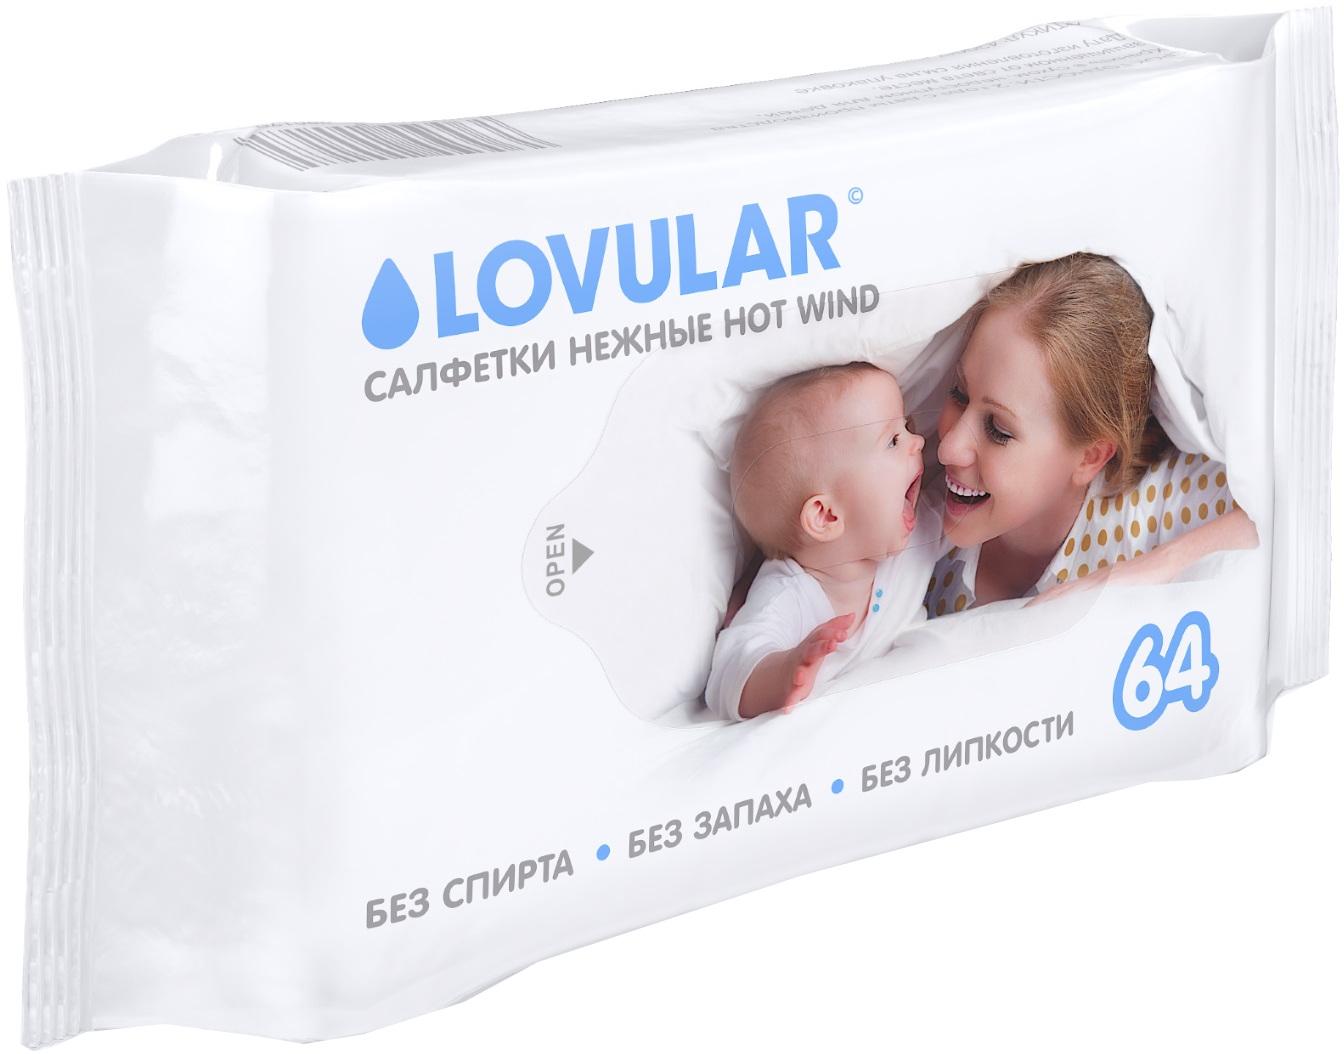 купить Влажные салфетки Lovular Hot Wind, 64 шт по цене 69 рублей